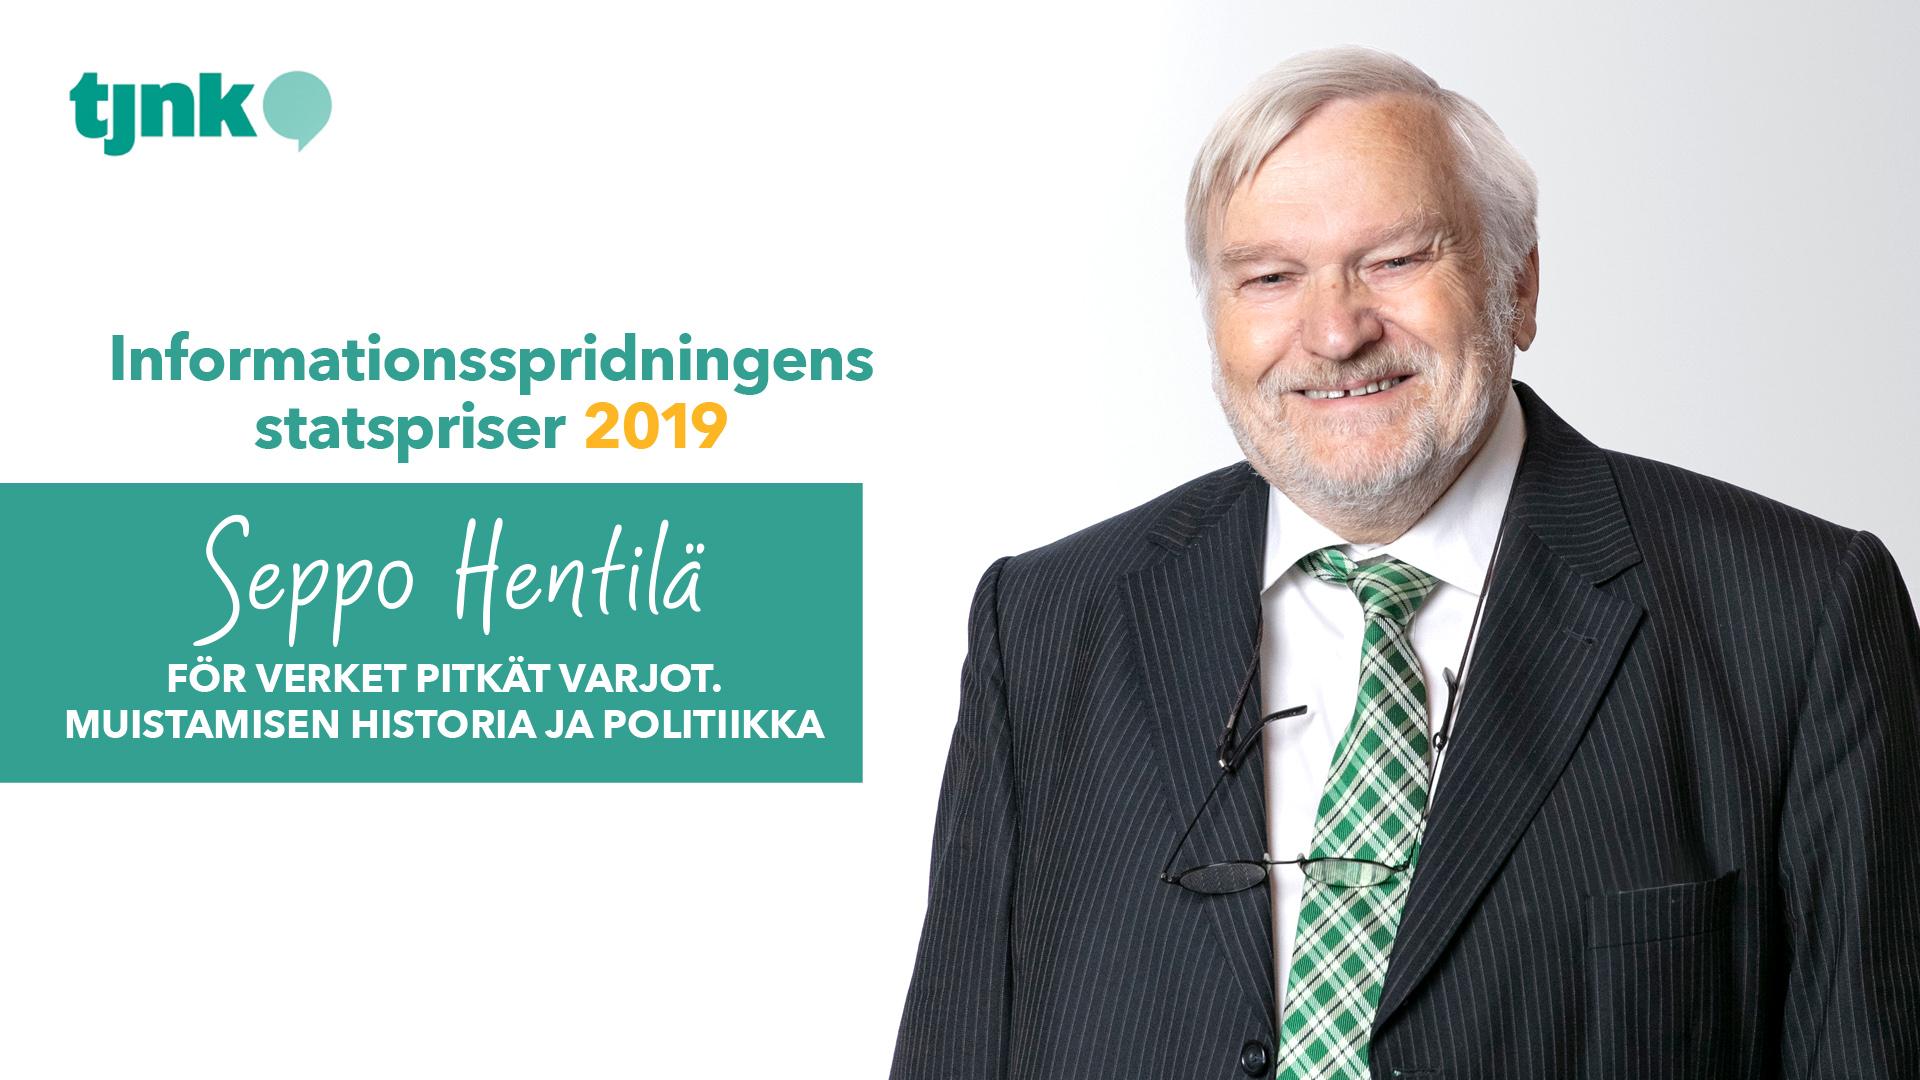 Seppo Hentilä